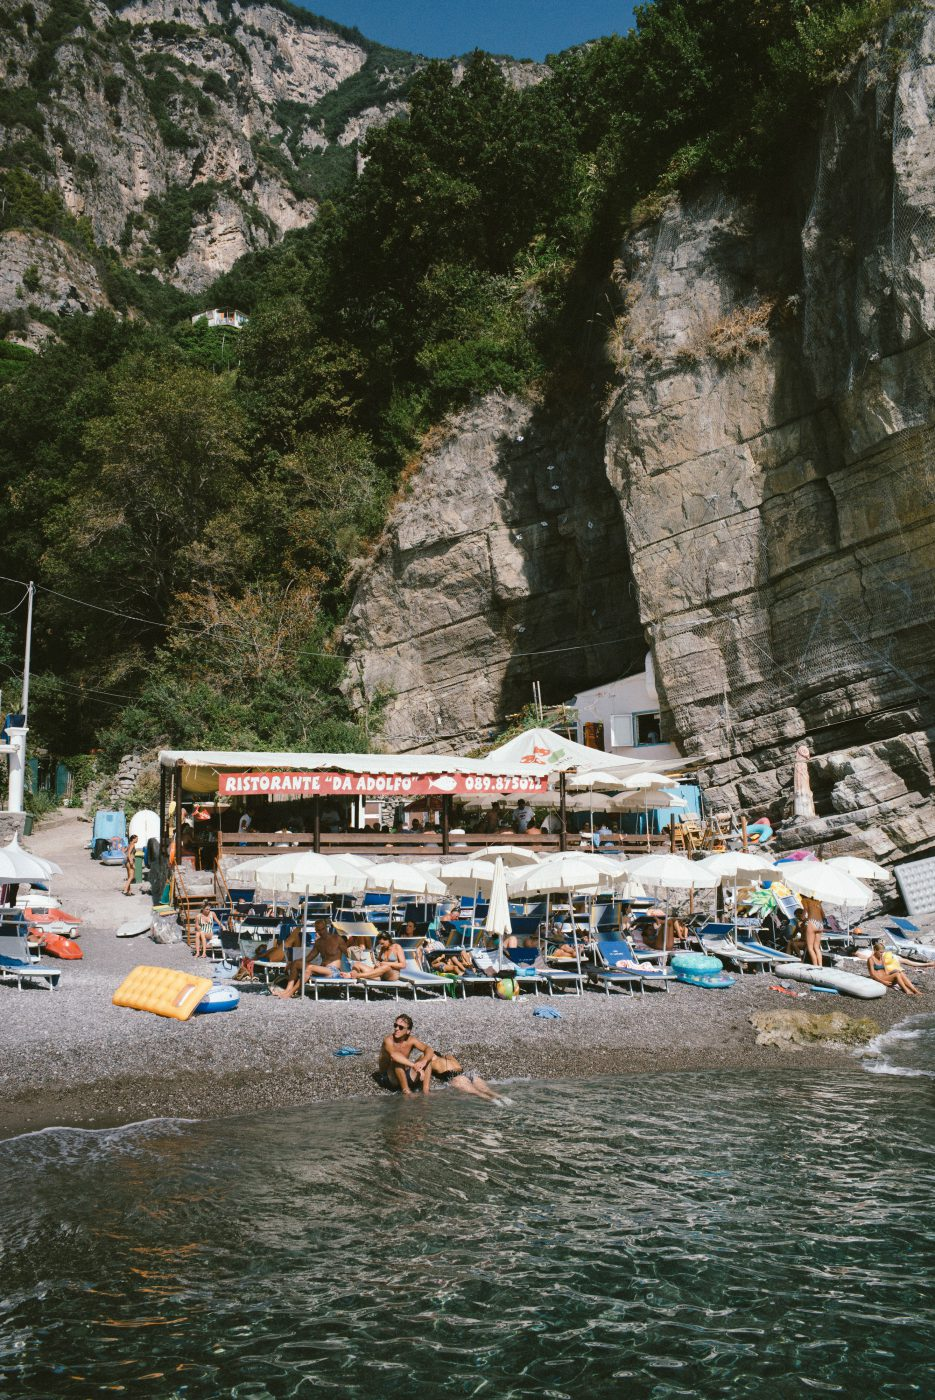 Amalfi visual journey - Raf Maes da Adolfo